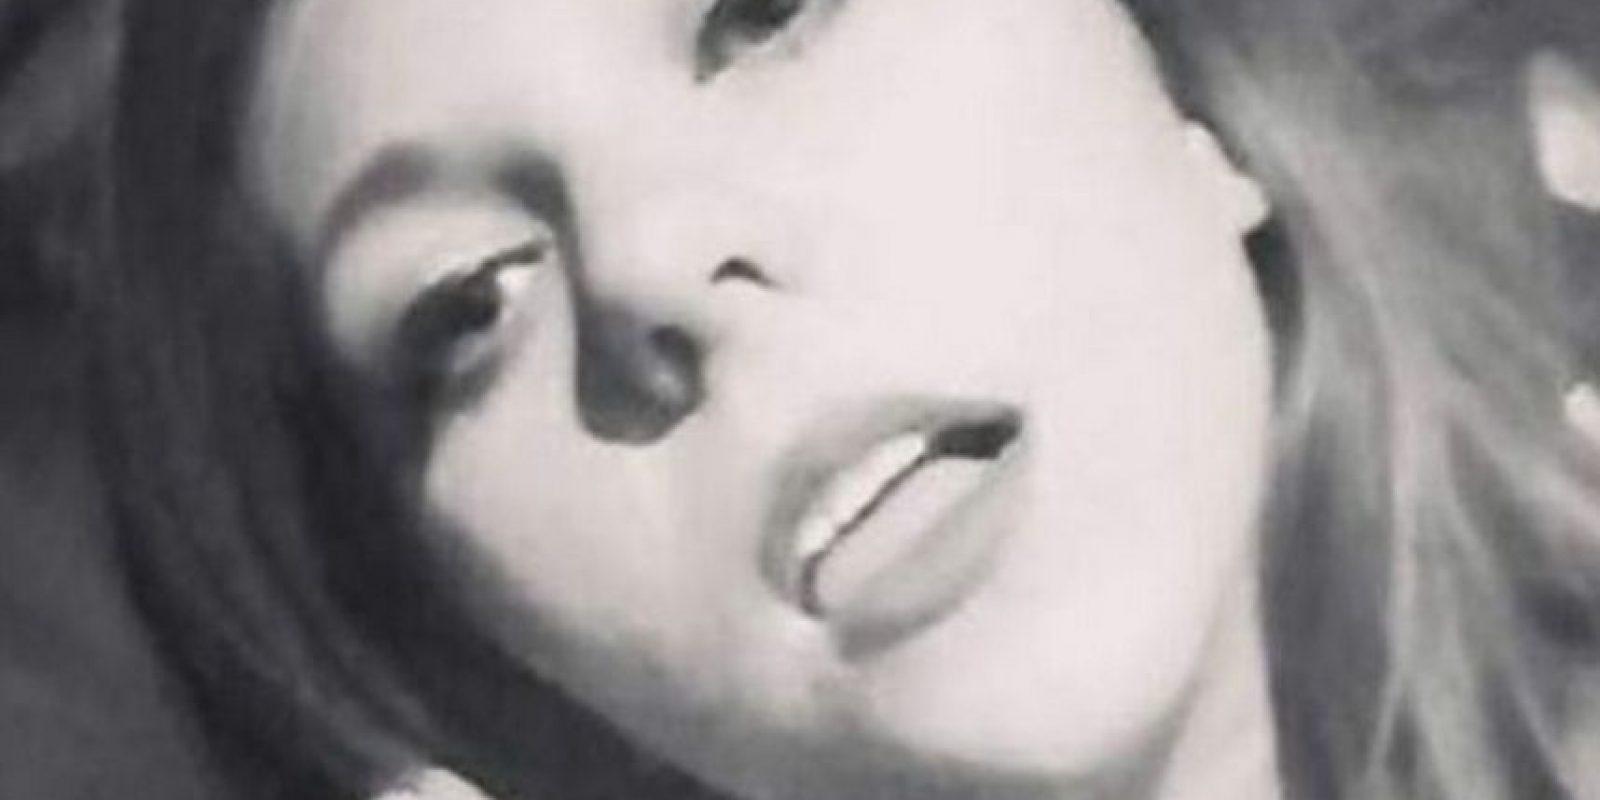 El abogado de esta joven Gabriel González, dijo que Lechtchenko fue torturada para declararse culpable y negó haber cometido los crímenes, pero esto fue negado por elementos de la Procuraduría General de Justicia del Estado (PGJE). Foto:Favebook/AnastasiaLechtchenko Masney